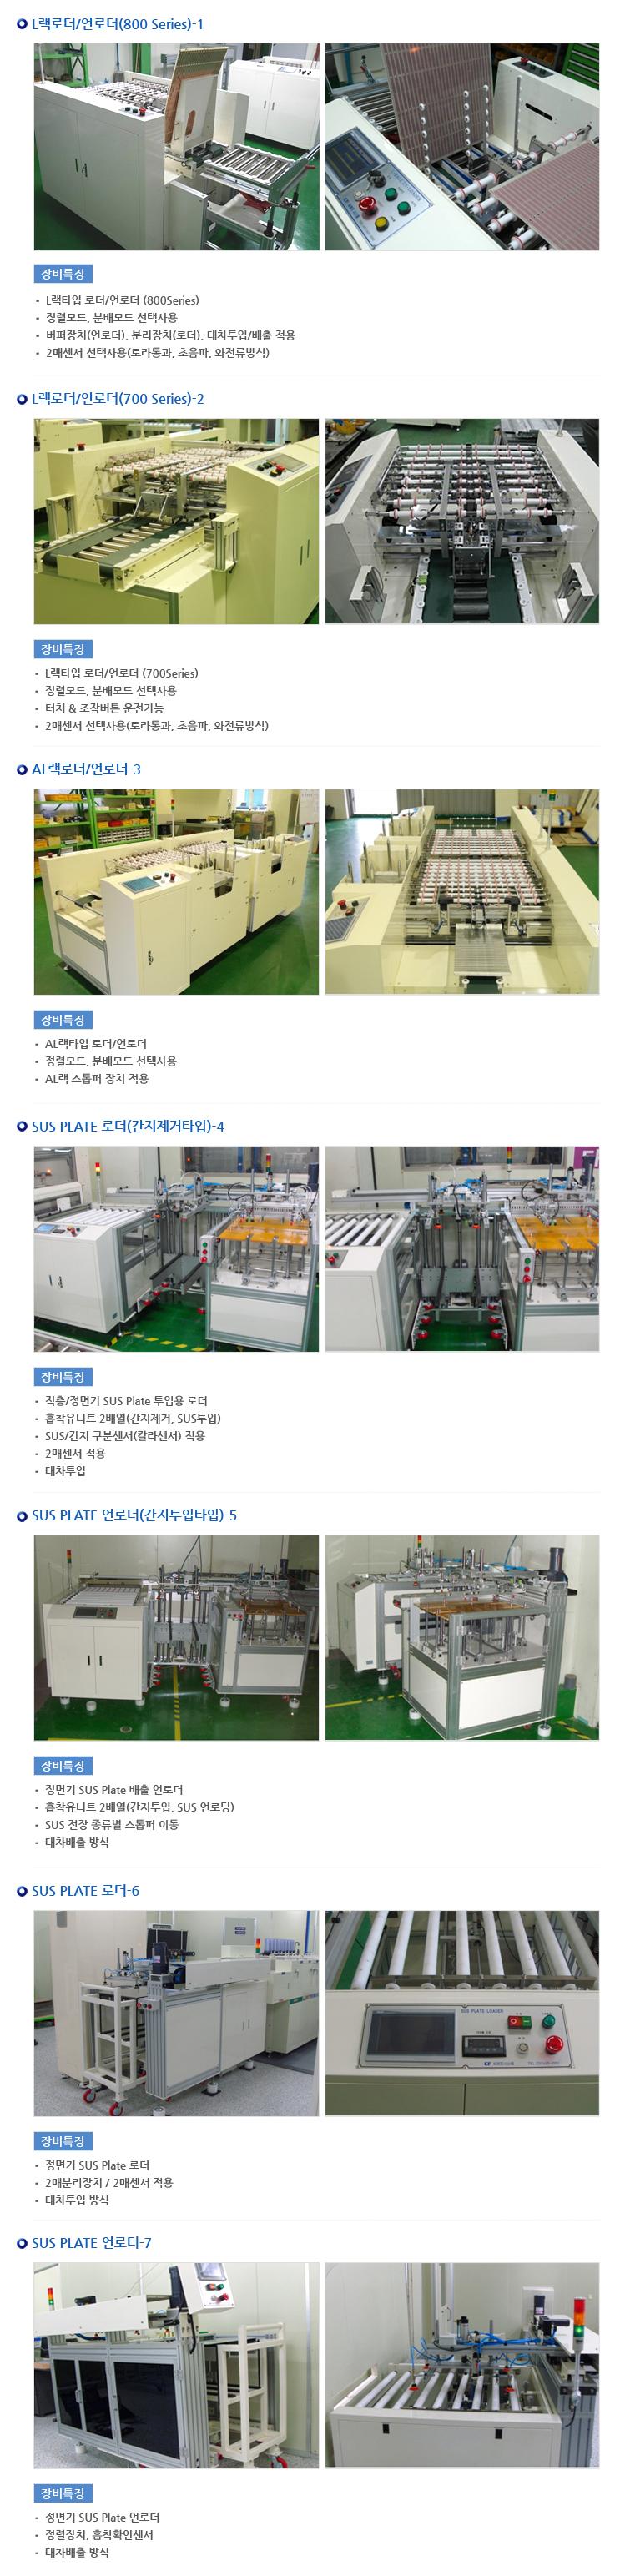 씨에프시스템 로더/언로더 - Rigid PCB